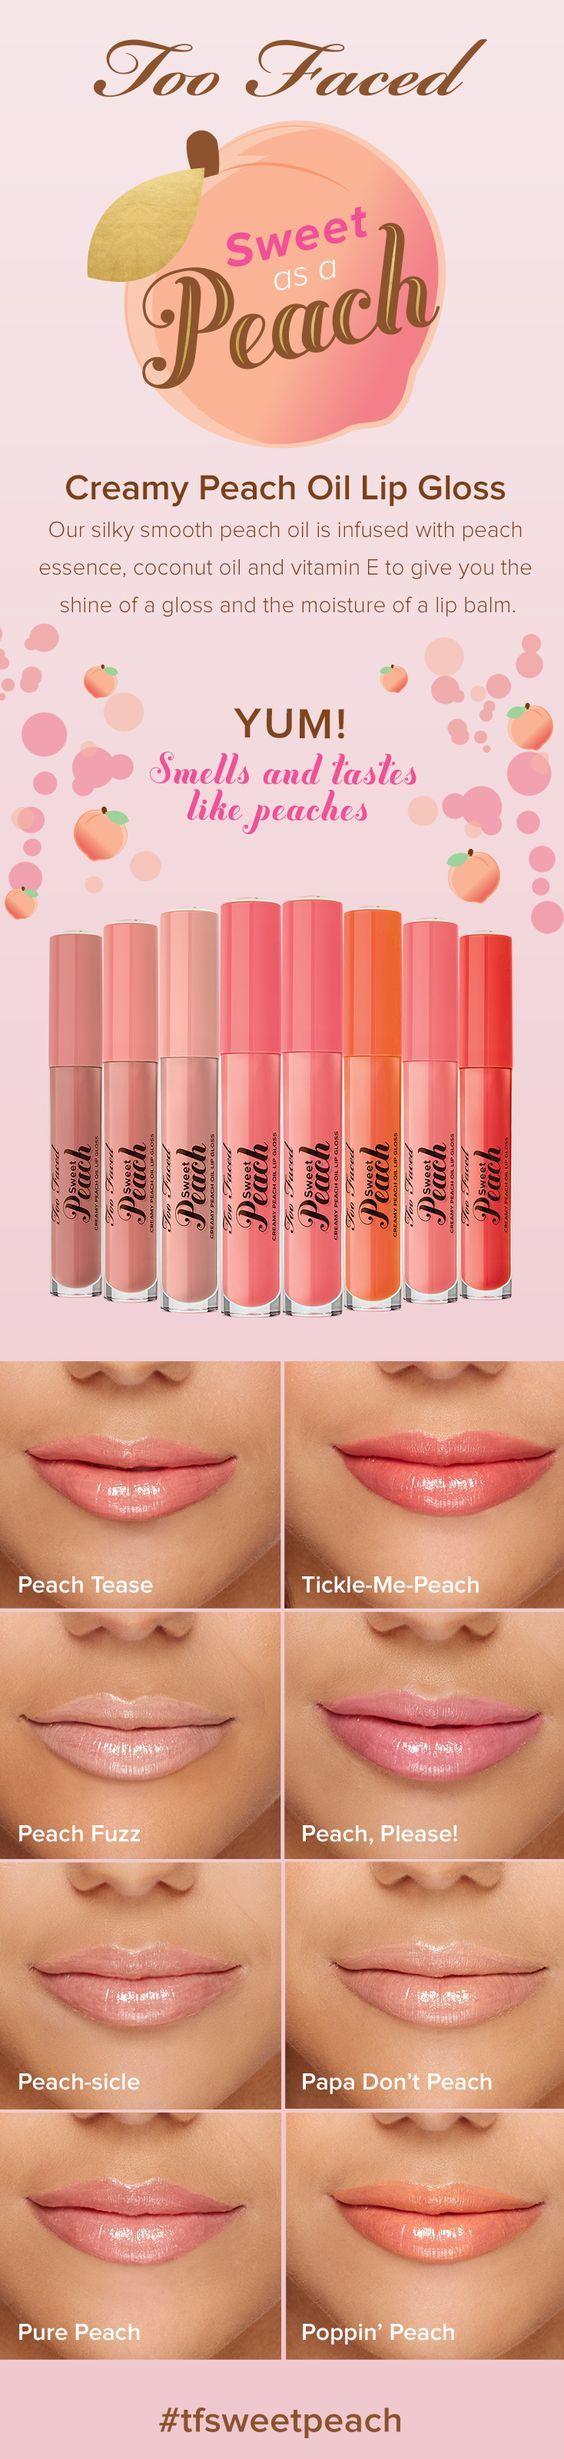 Too Faced Sweet Peach Creamy Peach Oil Lip Gloss Swatches #tfsweetpeach